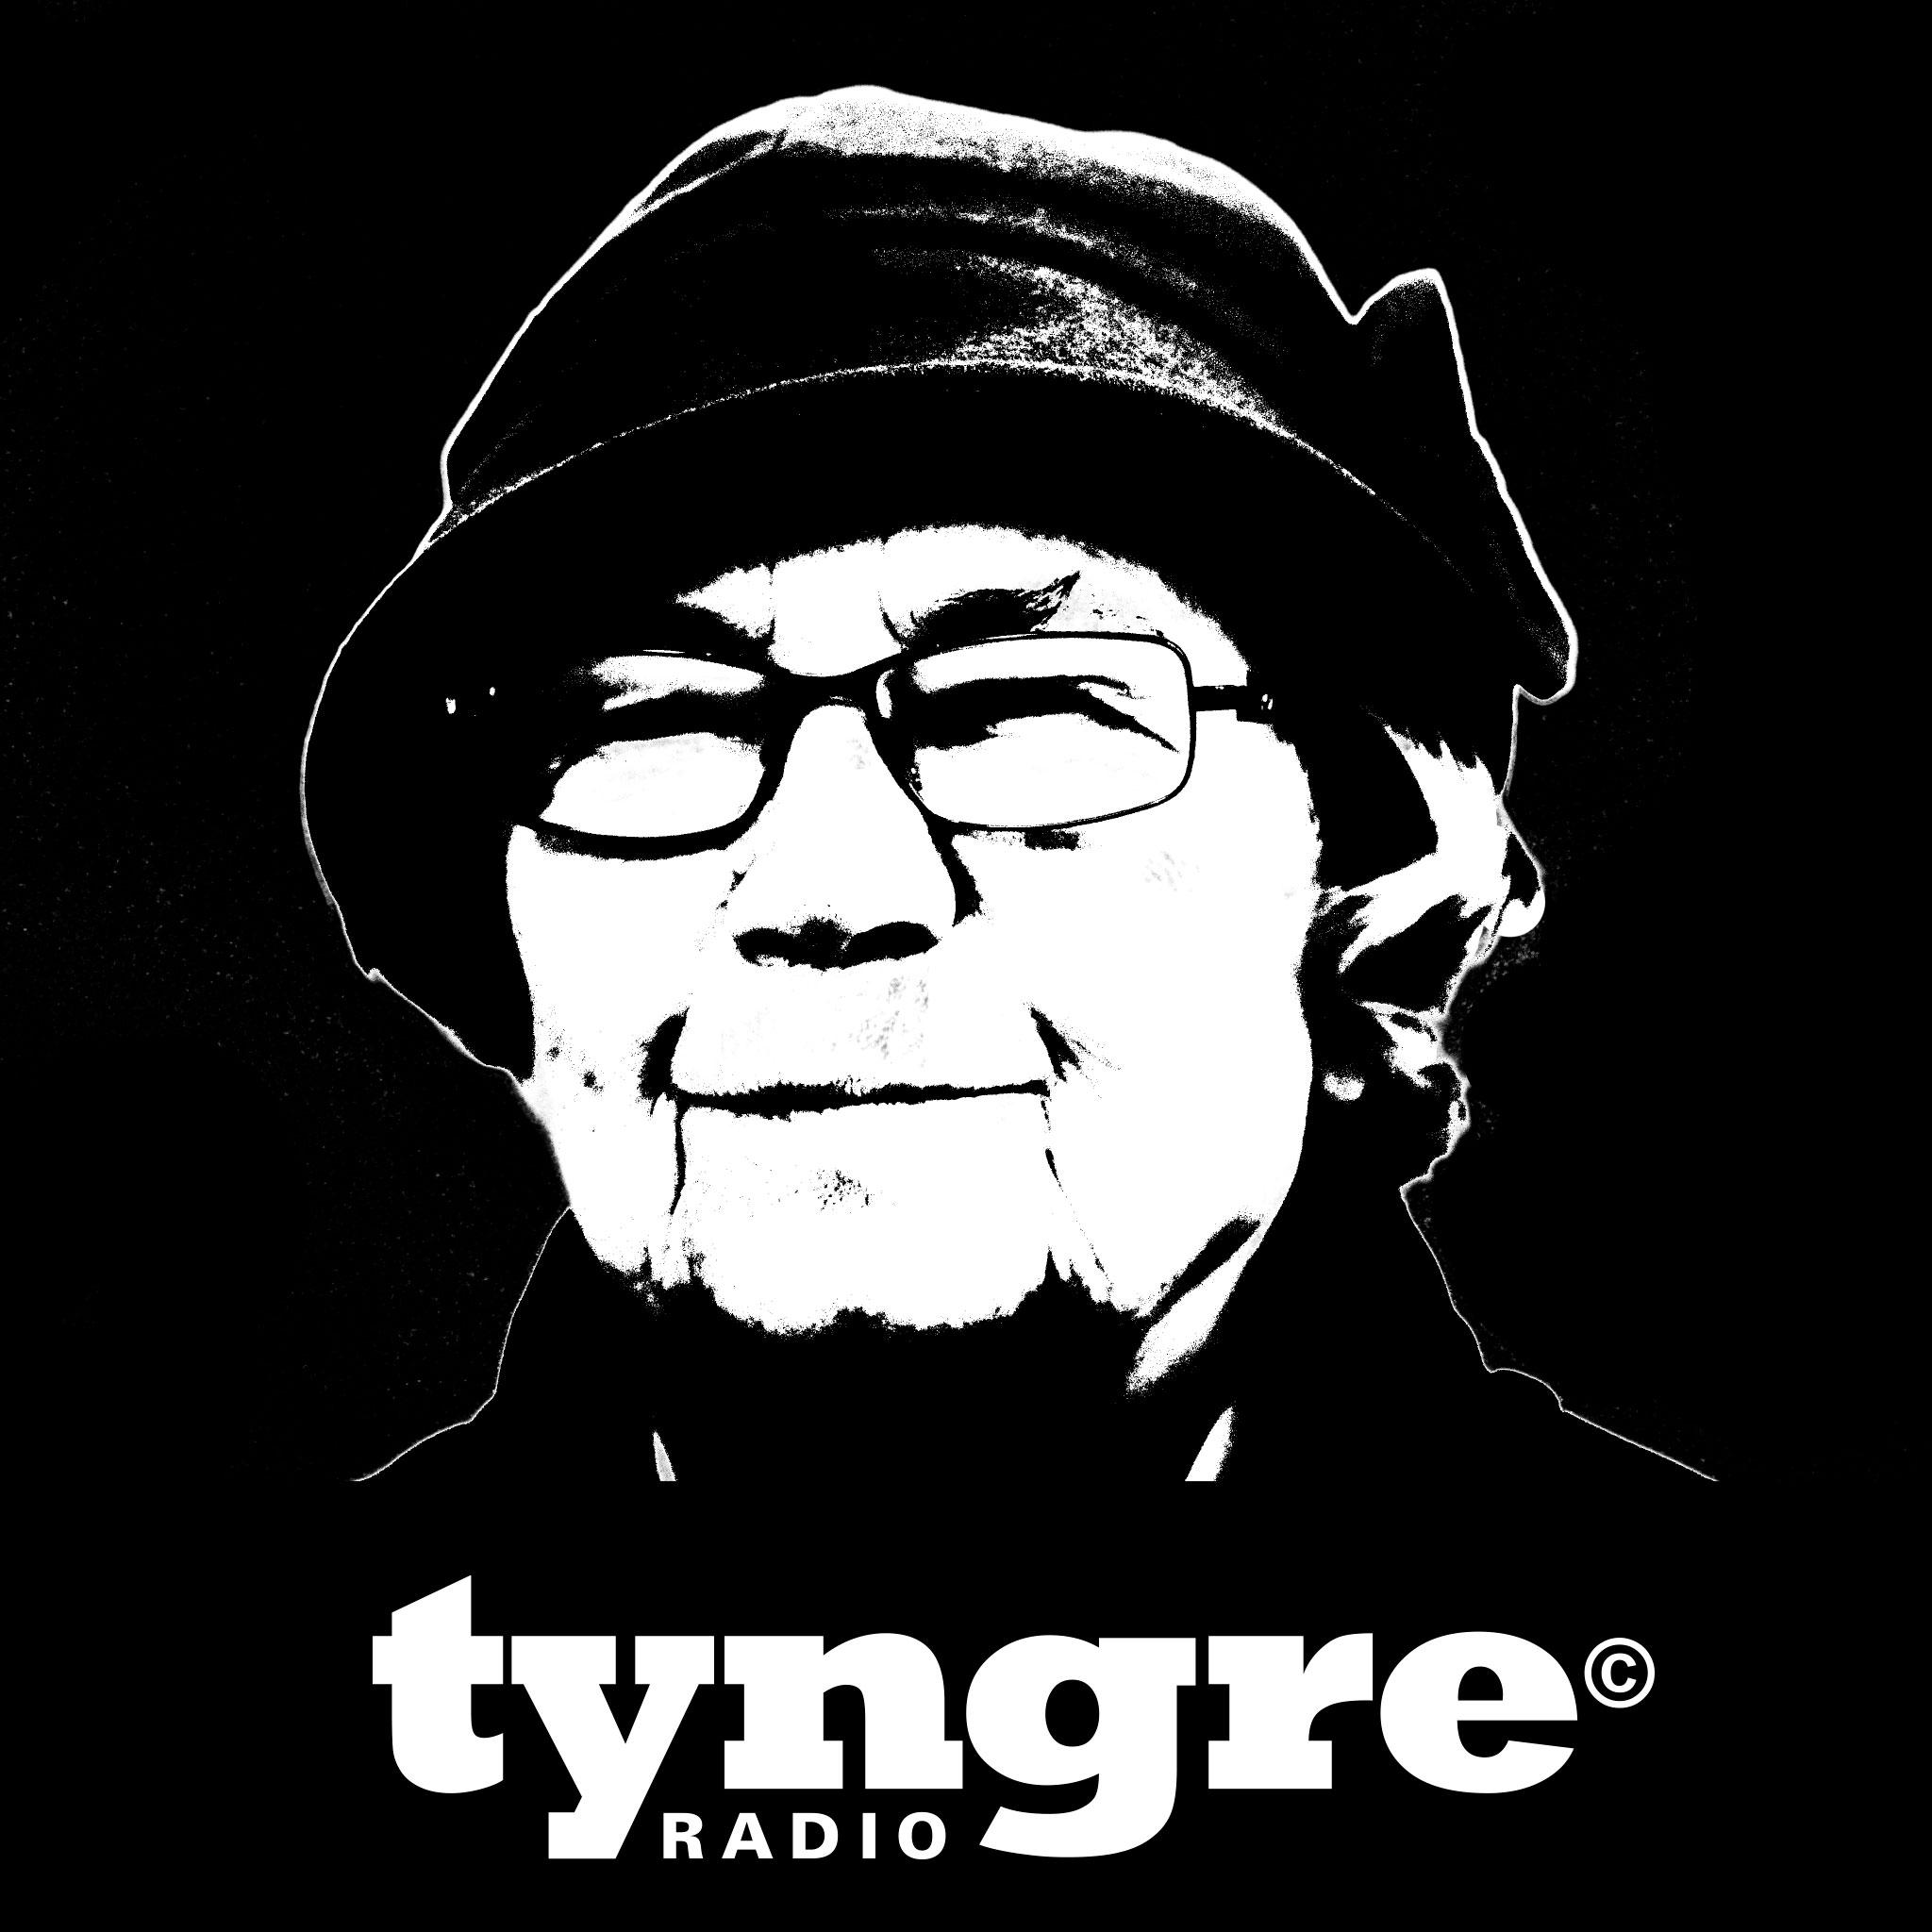 Tyngre Radio show art